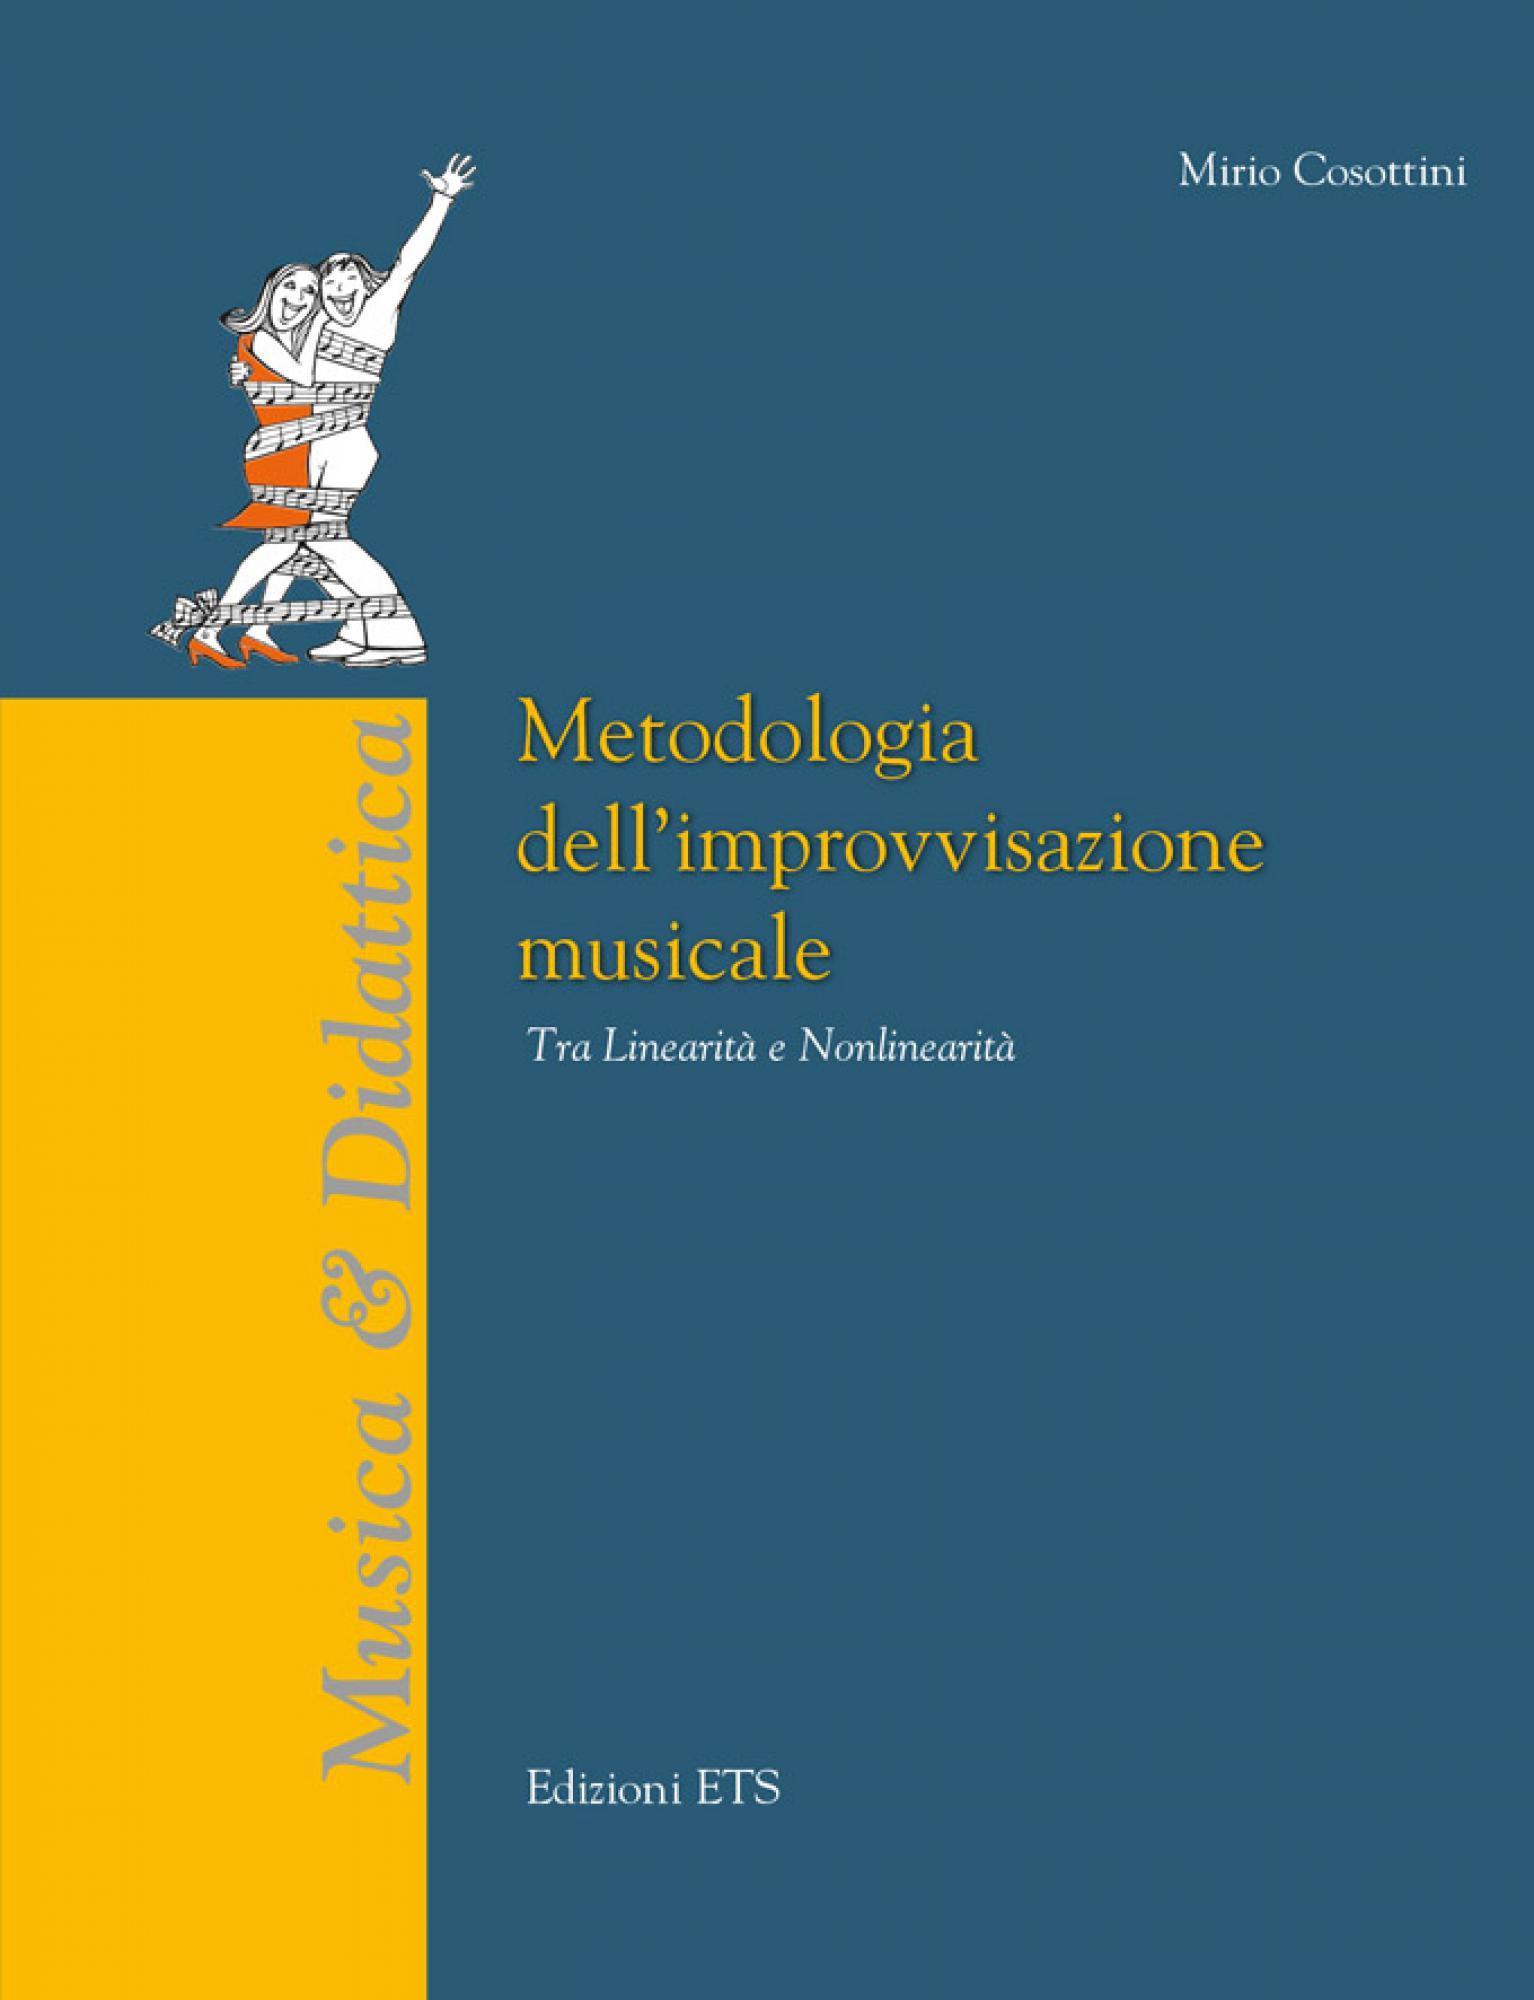 Metodologia dell'improvvisazione musicale.Tra Linearità e Nonlinearità